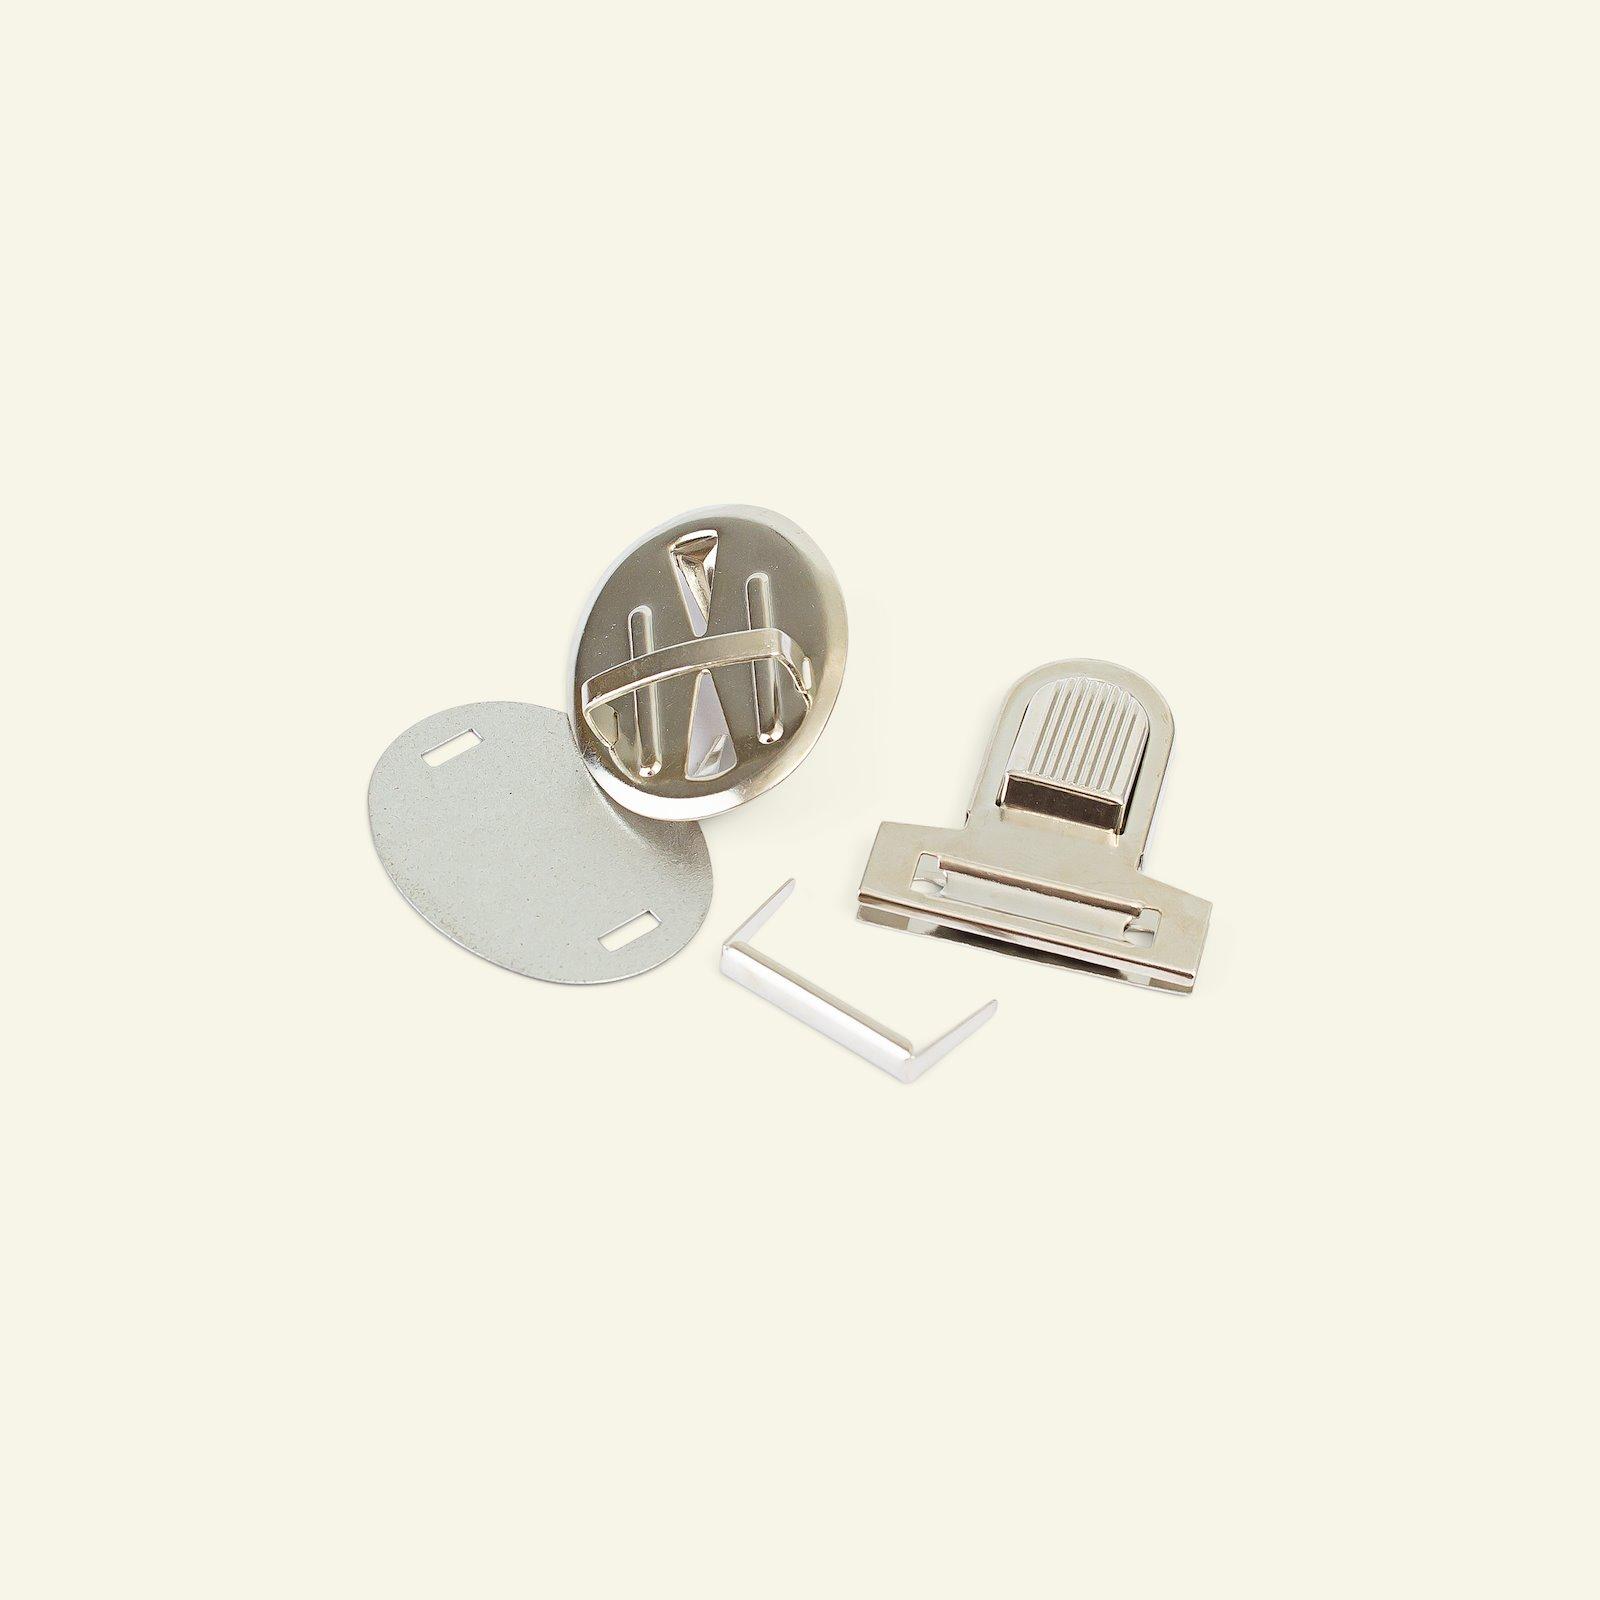 Steckverschluss metall 32x36mm gold 1Stk 43010_pack